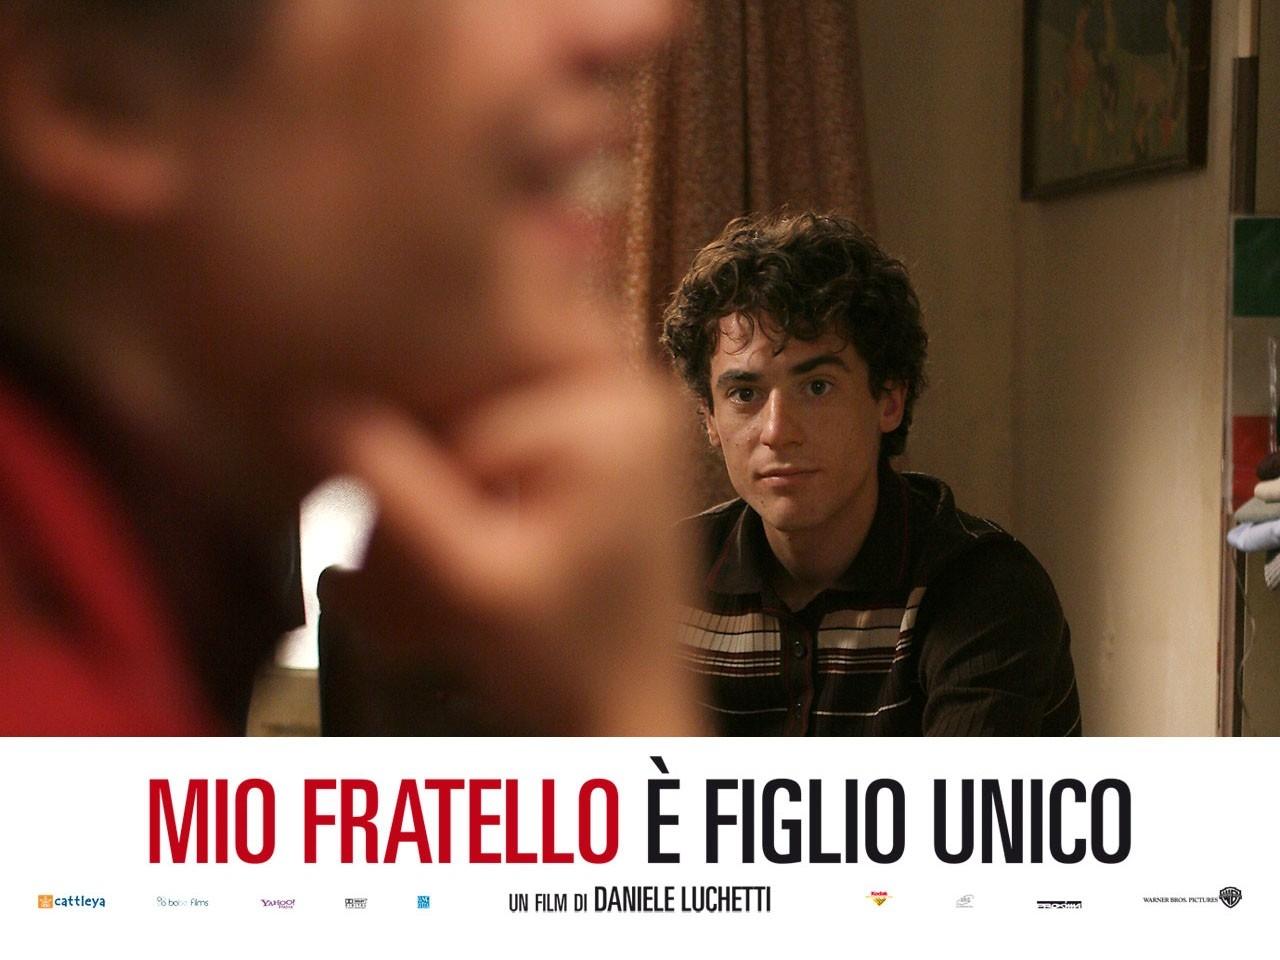 Wallpaper del film Mio fratello è figlio unico con Elio Germano